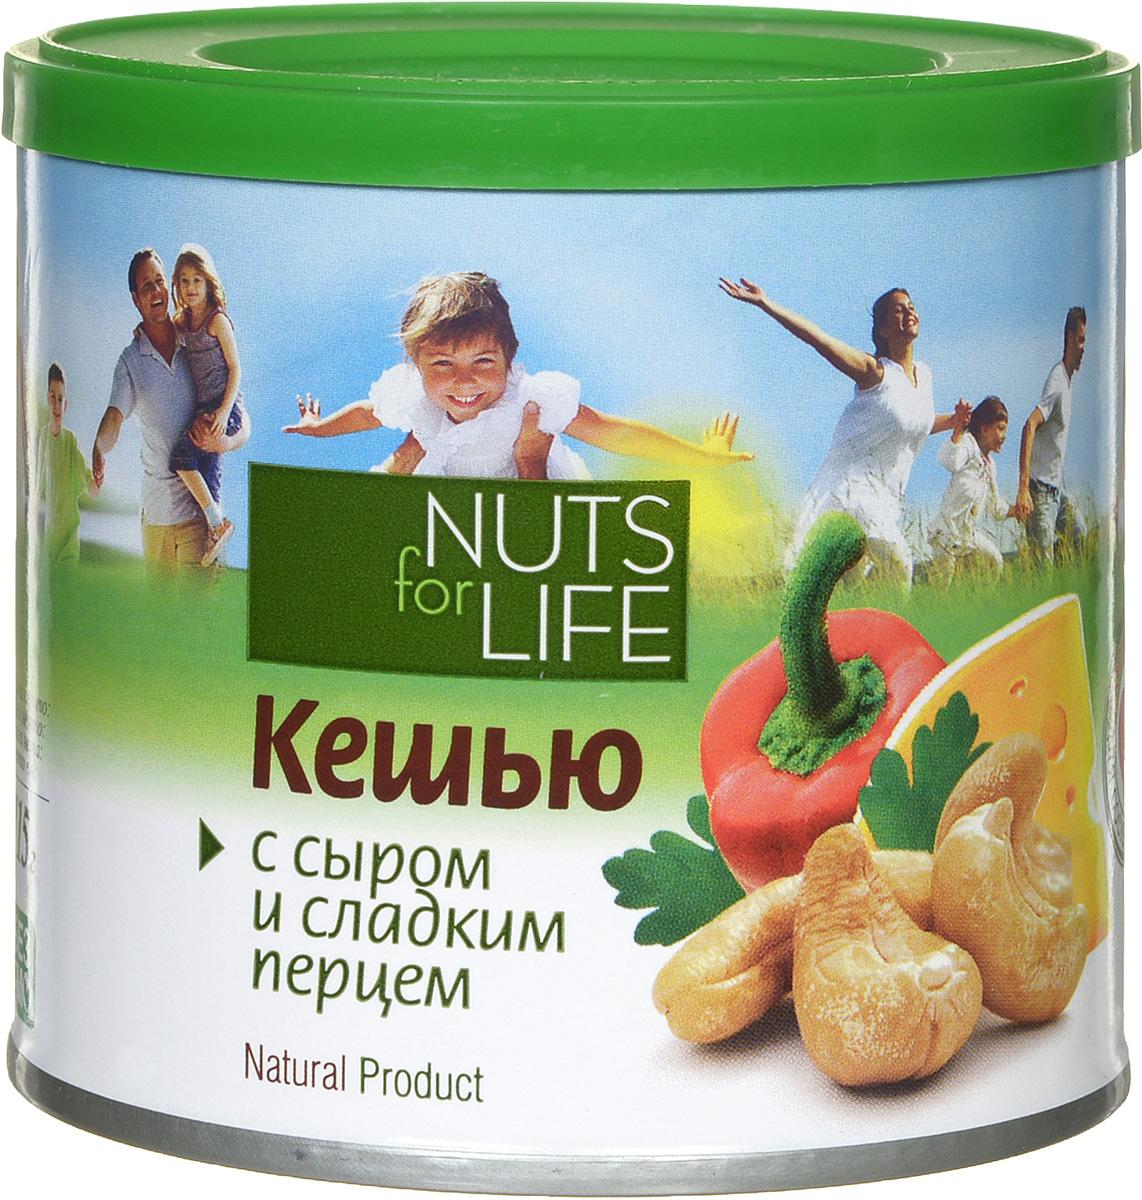 Фото Nuts for Life Кешью обжаренный соленый с сыром, сладким перцем и зеленью, 115 г. Купить  в РФ